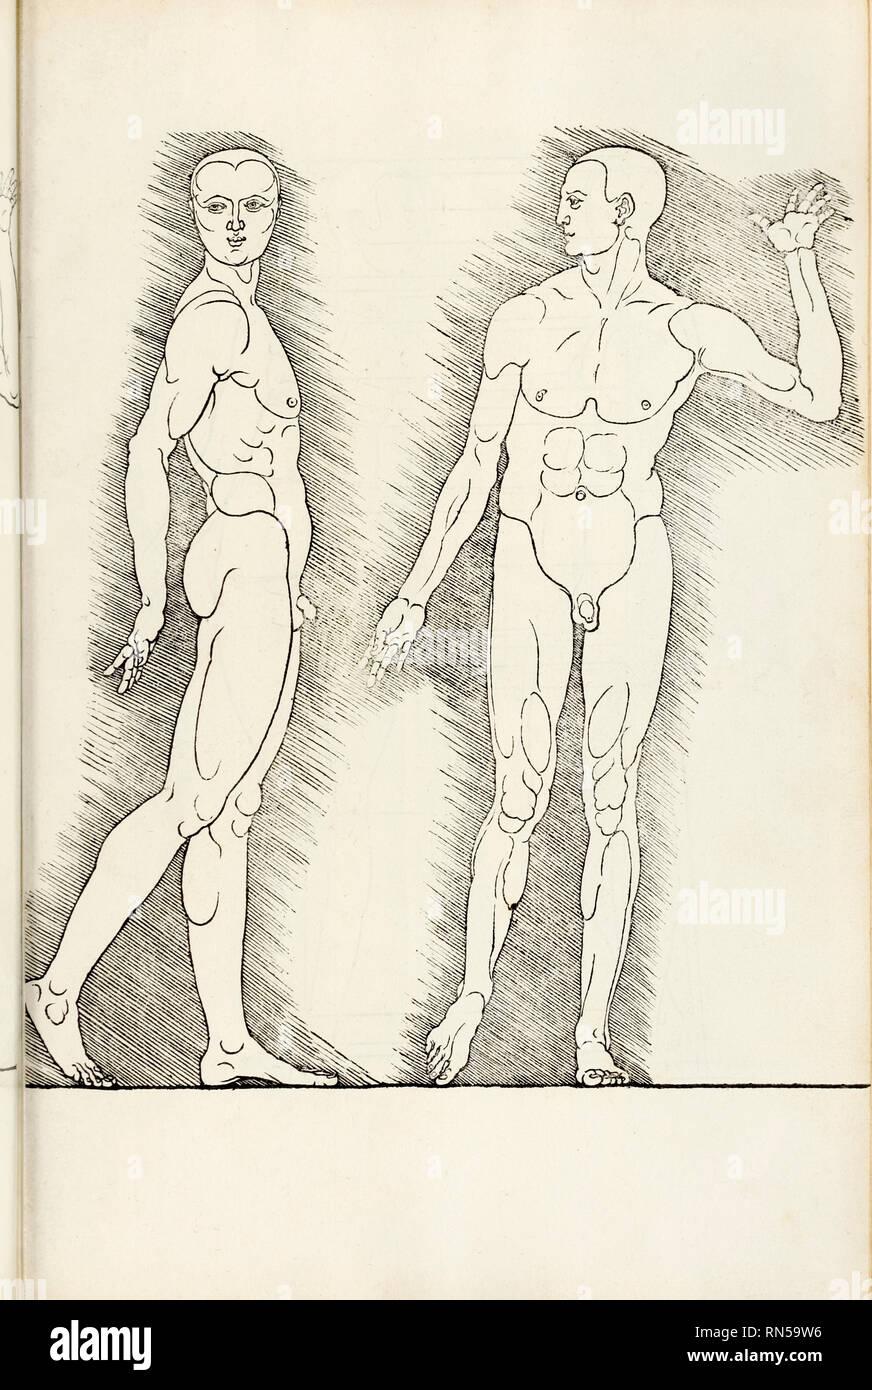 """Anatomische Holzschnitt aus """"Hierinn Sindh begriffen Vier Bücher von menschlicher Proportion' von Albrecht Dürer (1471-1528) eine Arbeit über den Anteil des menschlichen Körpers, die erstmals in 1528 veröffentlicht. Stockbild"""